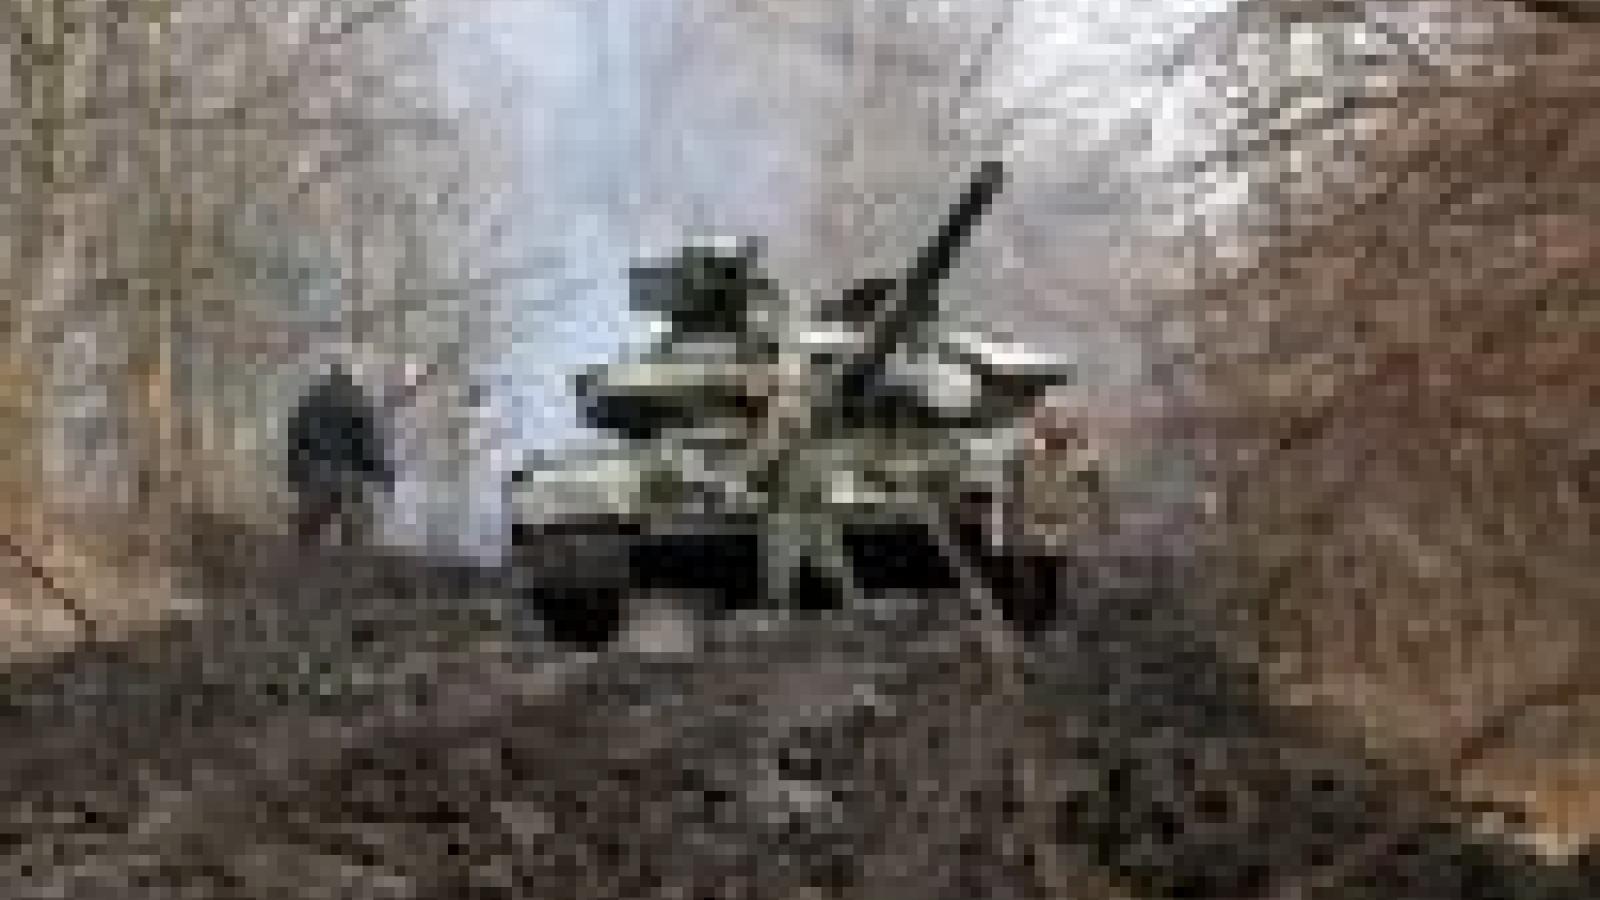 Căng thẳng miền đông Ukraine leo thang: Căn nguyên và điểm tắc nghẽn khó hóa giải